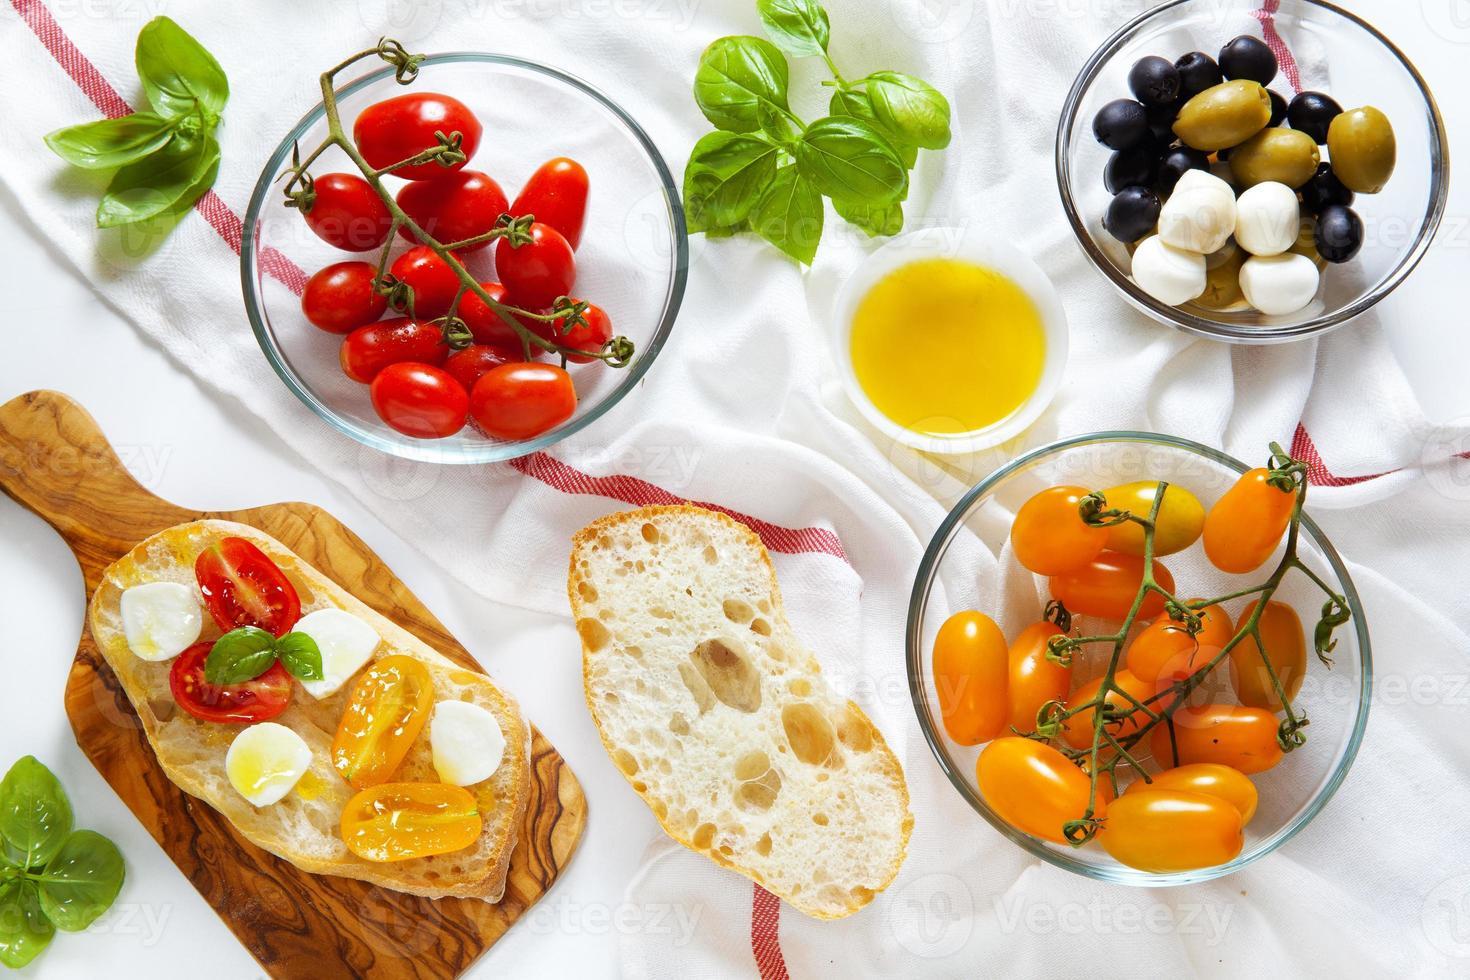 bruschetta con pomodorini gialli e rossi, basilico fresco, gre foto